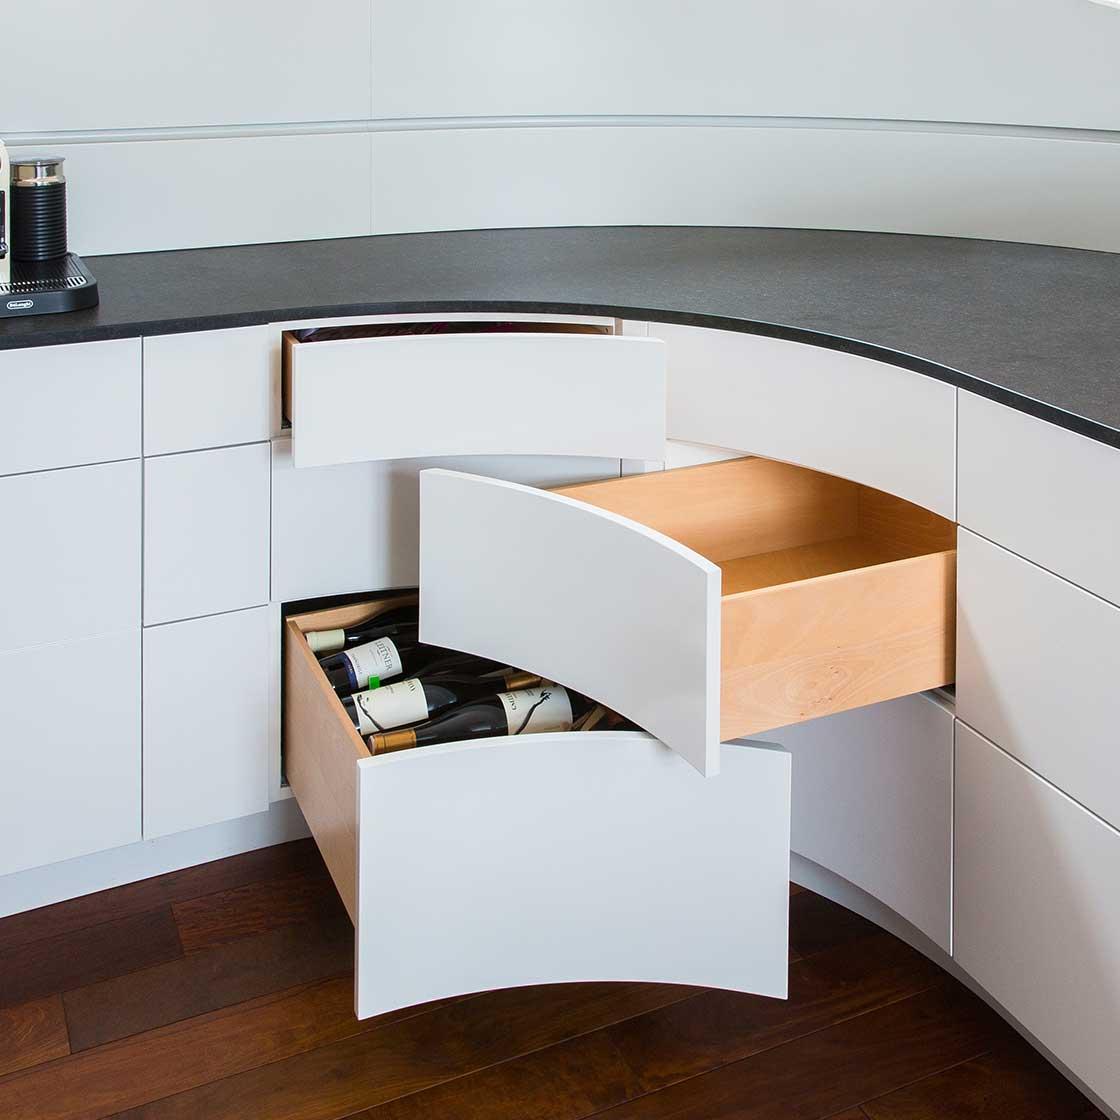 Full Size of Schreinerküche Modern Kleine Schreinerküche Schreinerküche Kaufen Schreinerküche Abverkauf Küche Schreinerküche